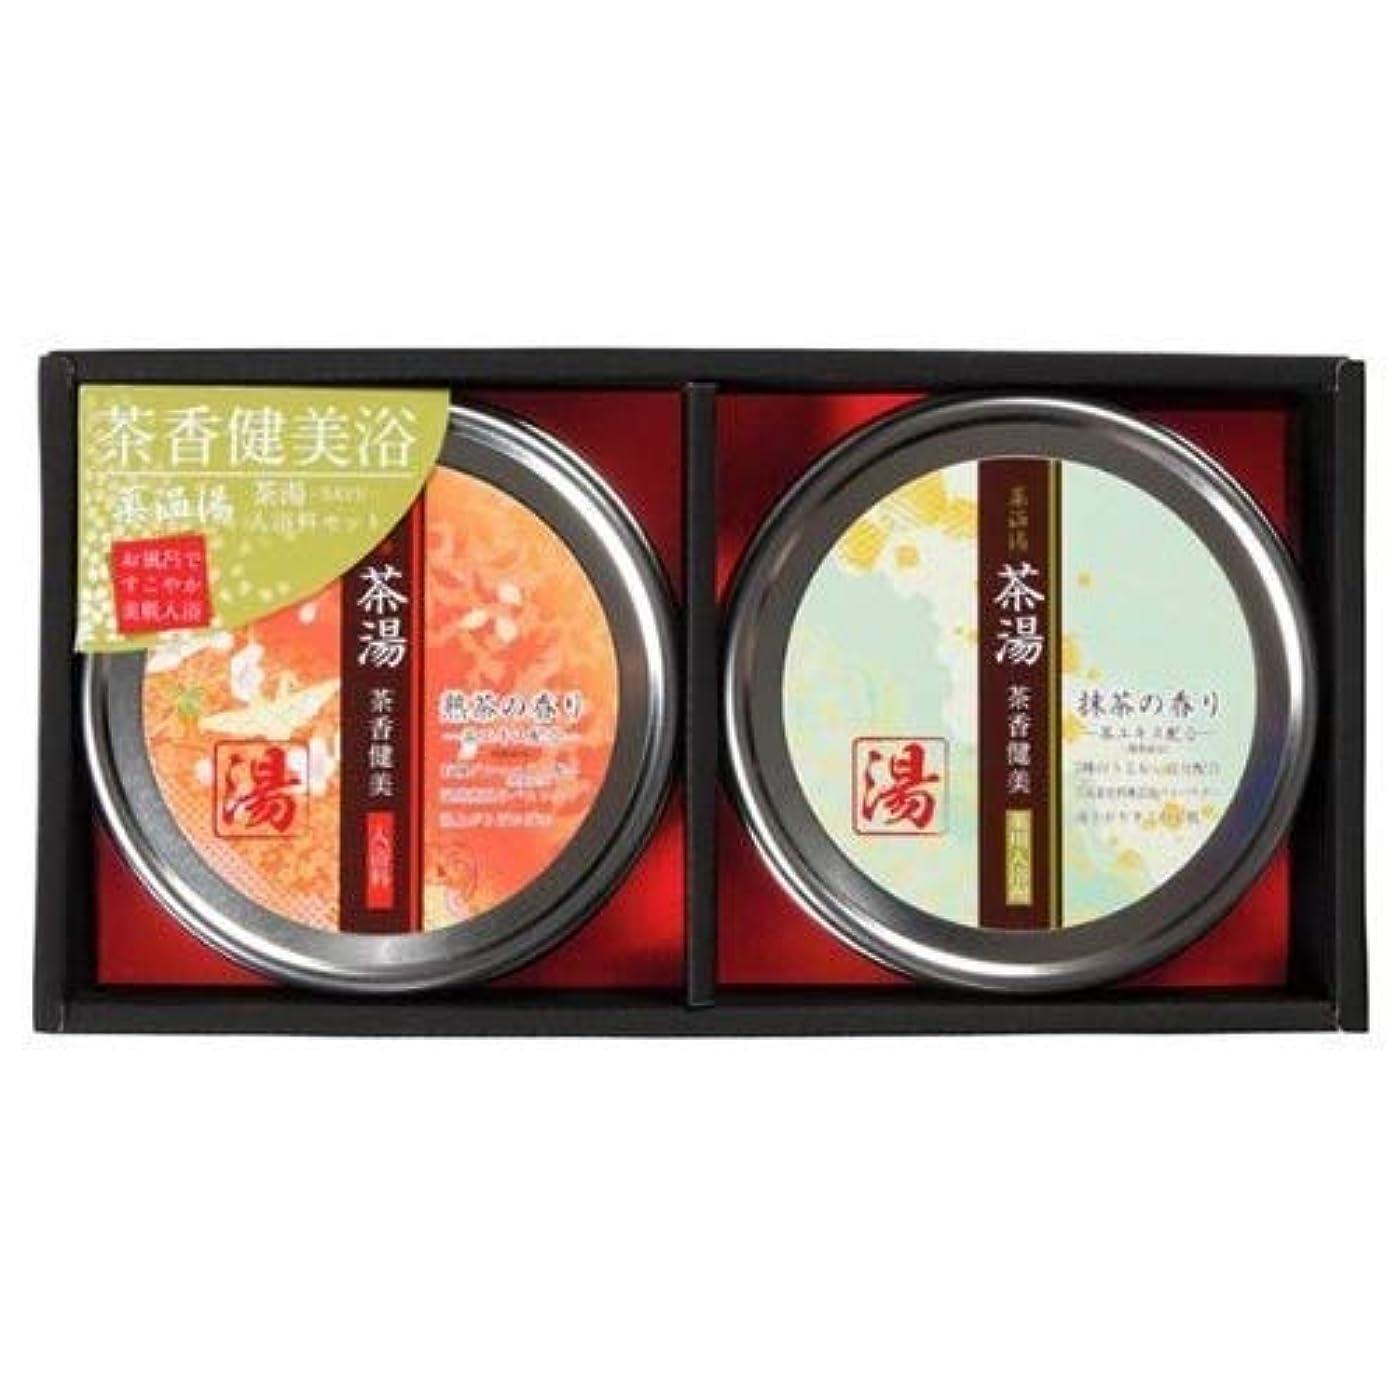 置き場計画的仕方薬温湯 茶湯ギフトセット POF-20